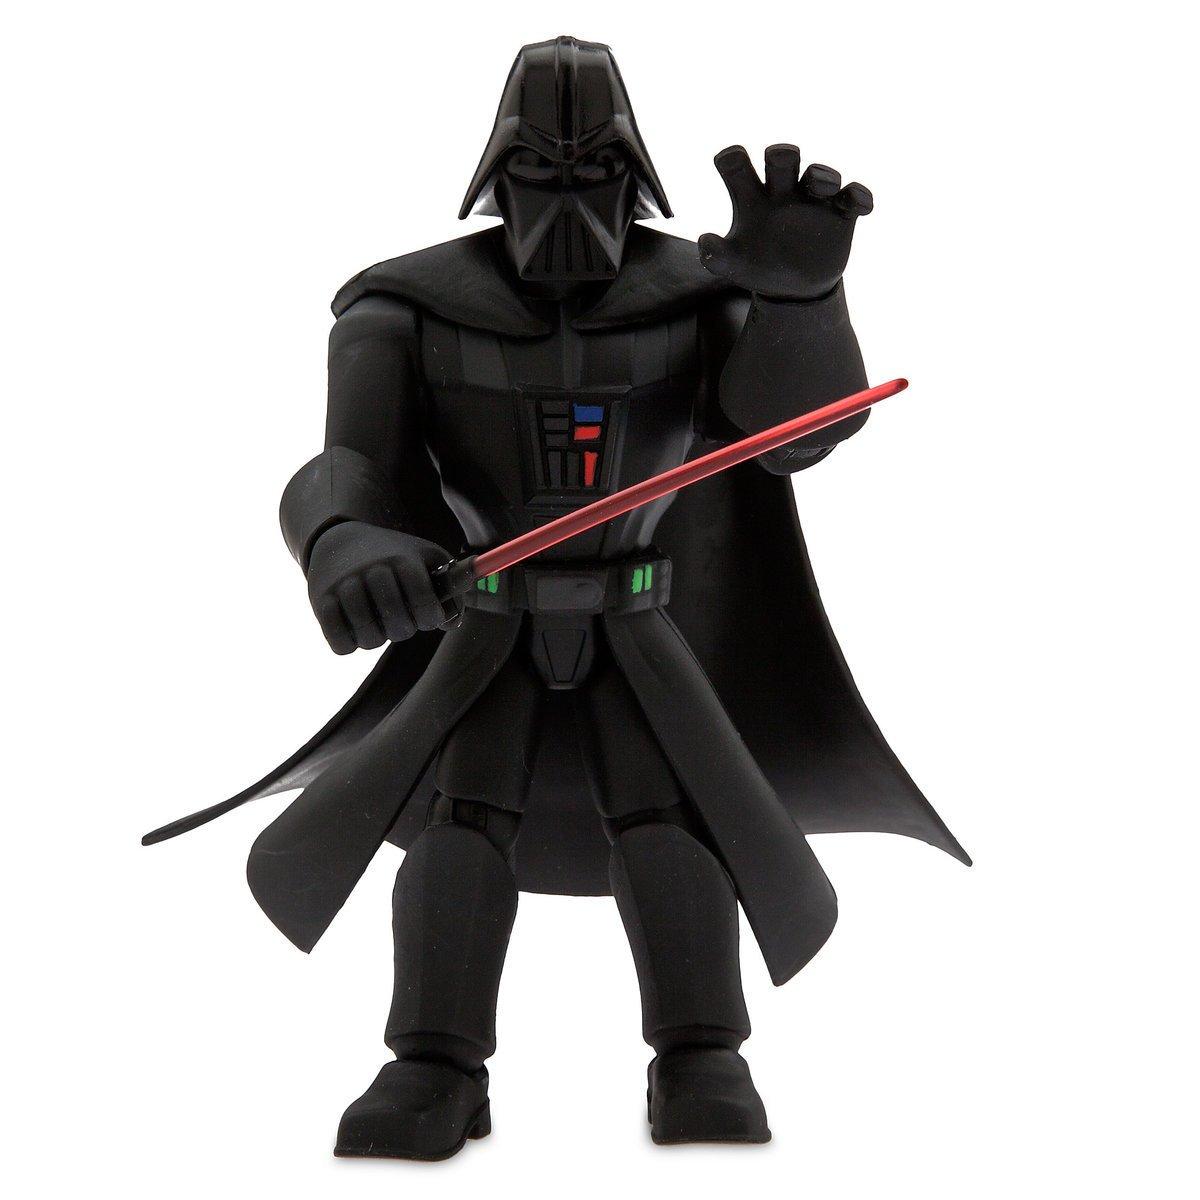 SW Darth Vader Toybox Figure 2